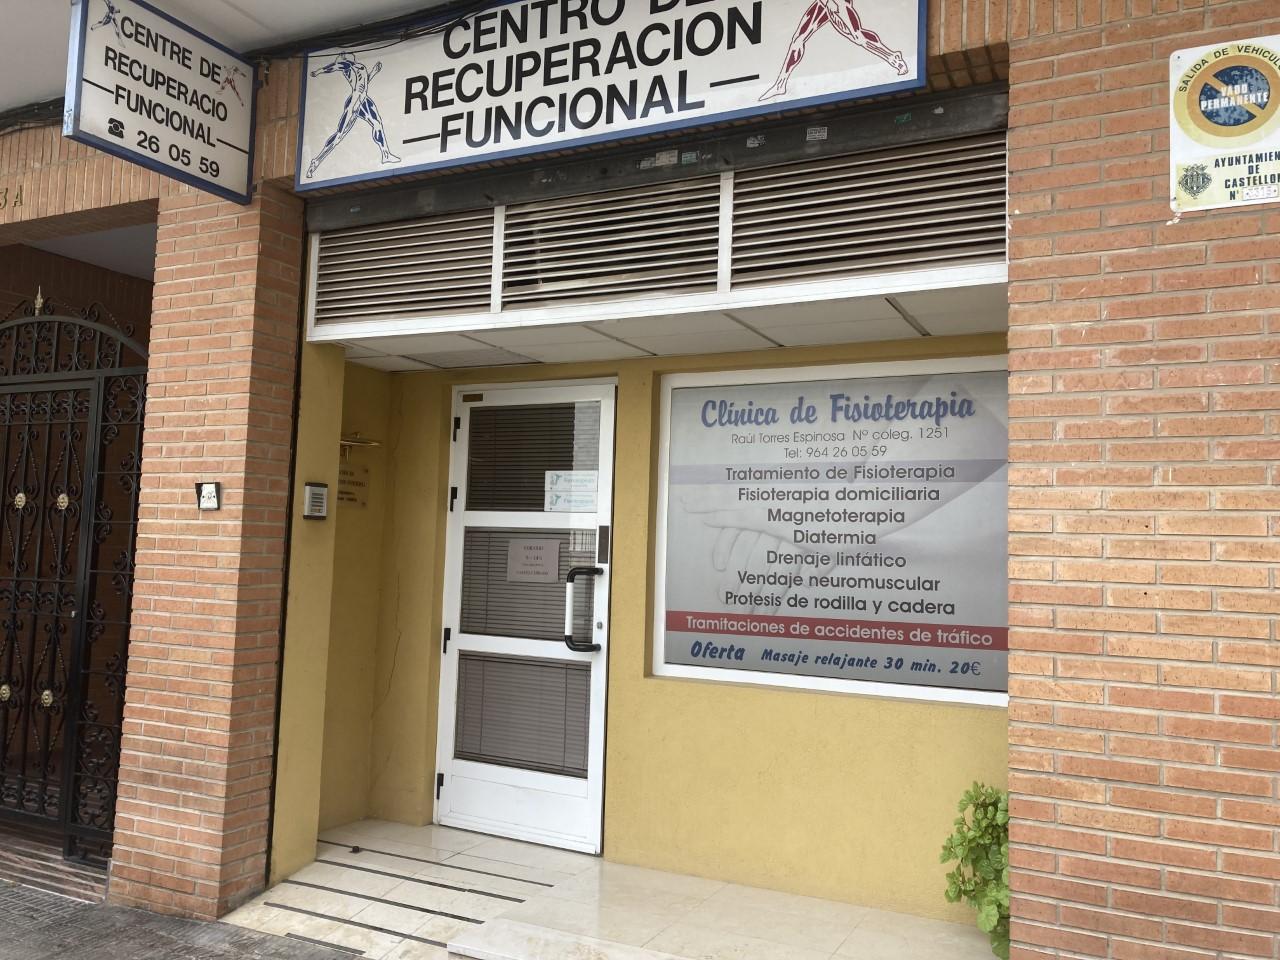 Centro de recuperación funcional